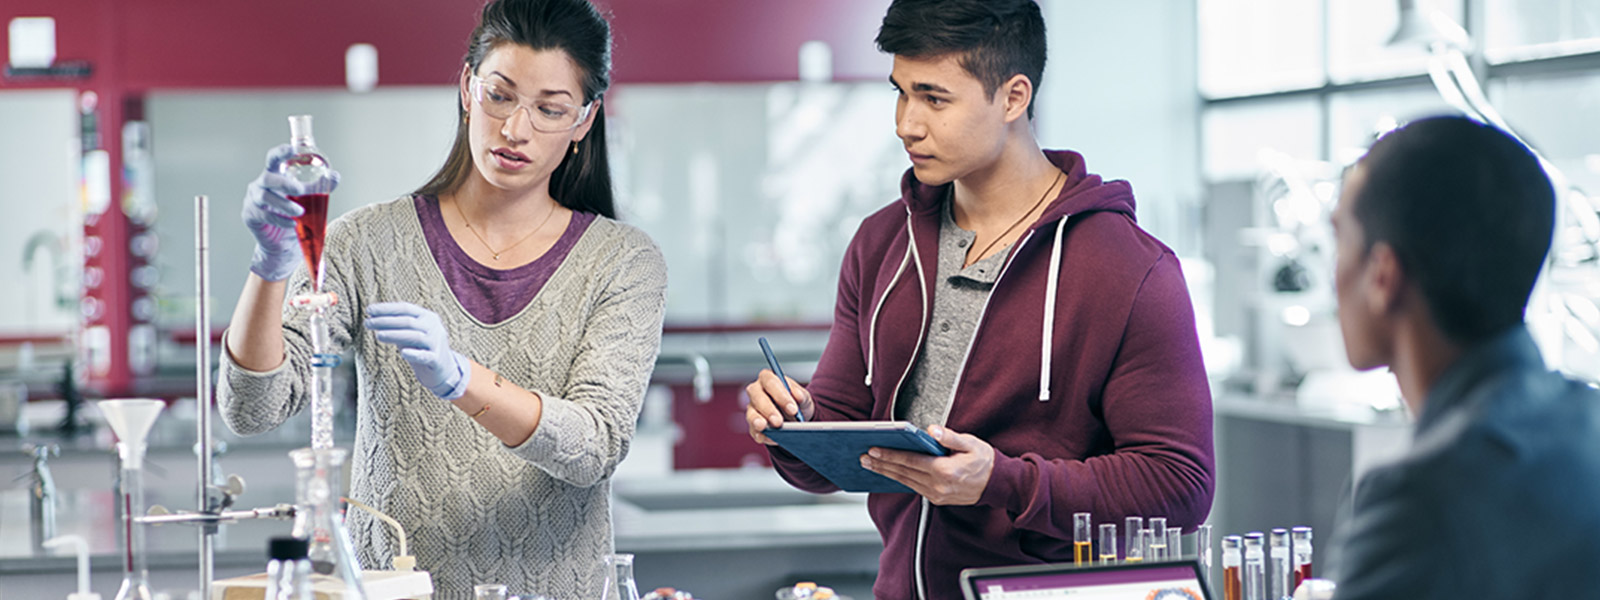 Trójka studentów w laboratorium chemicznym: jedna z osób korzysta z Surface Pro 4 w trybie tabletu, a druga — w trybie laptopa